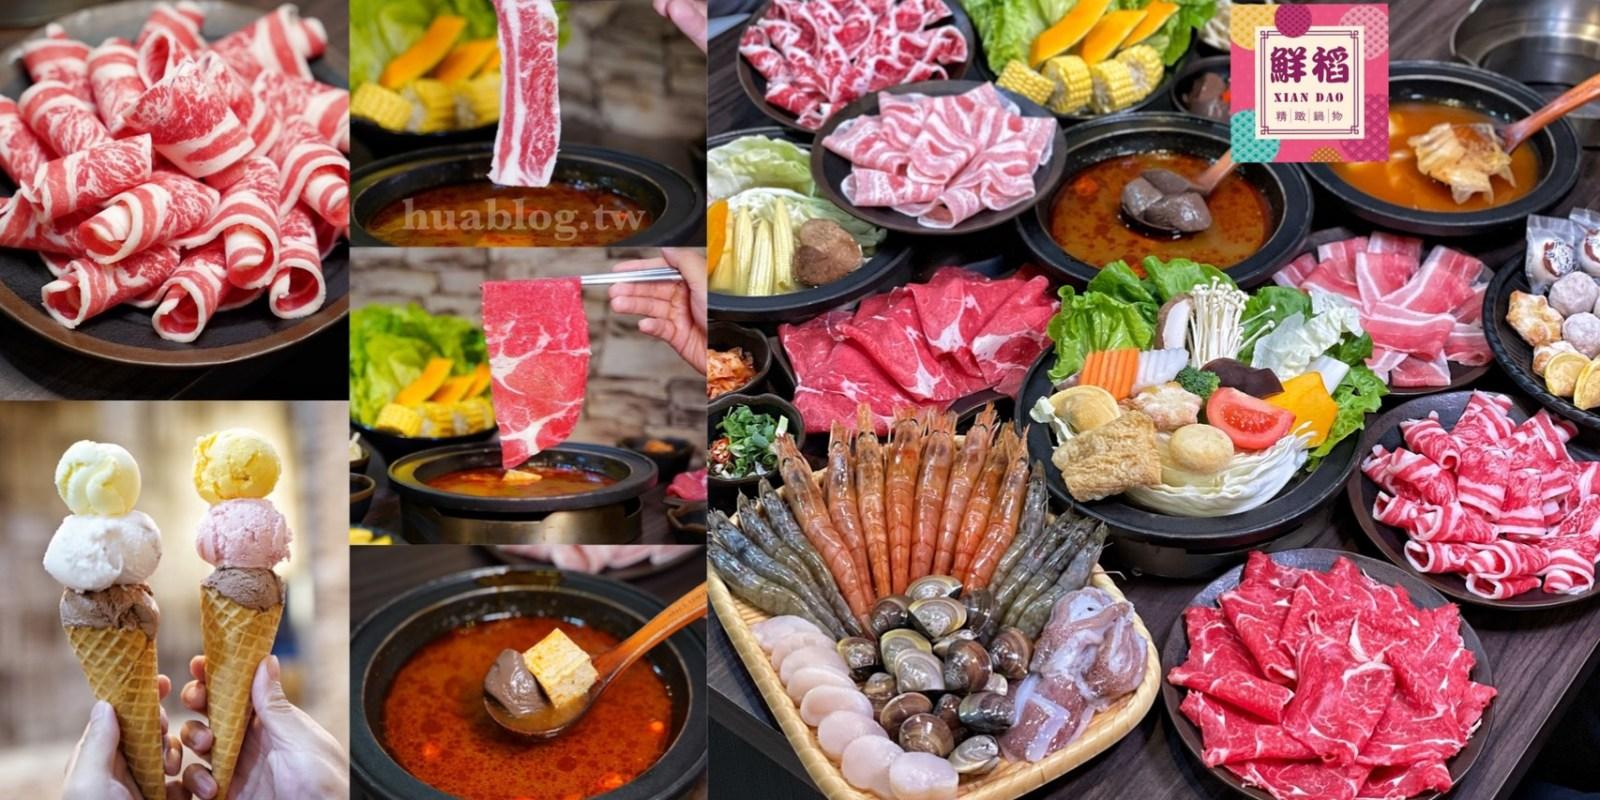 【新竹美食】竹北在地人推薦的火鍋吃到飽「鮮稻精緻鍋物」,採一人一鍋的方式,也有套餐可以選擇!